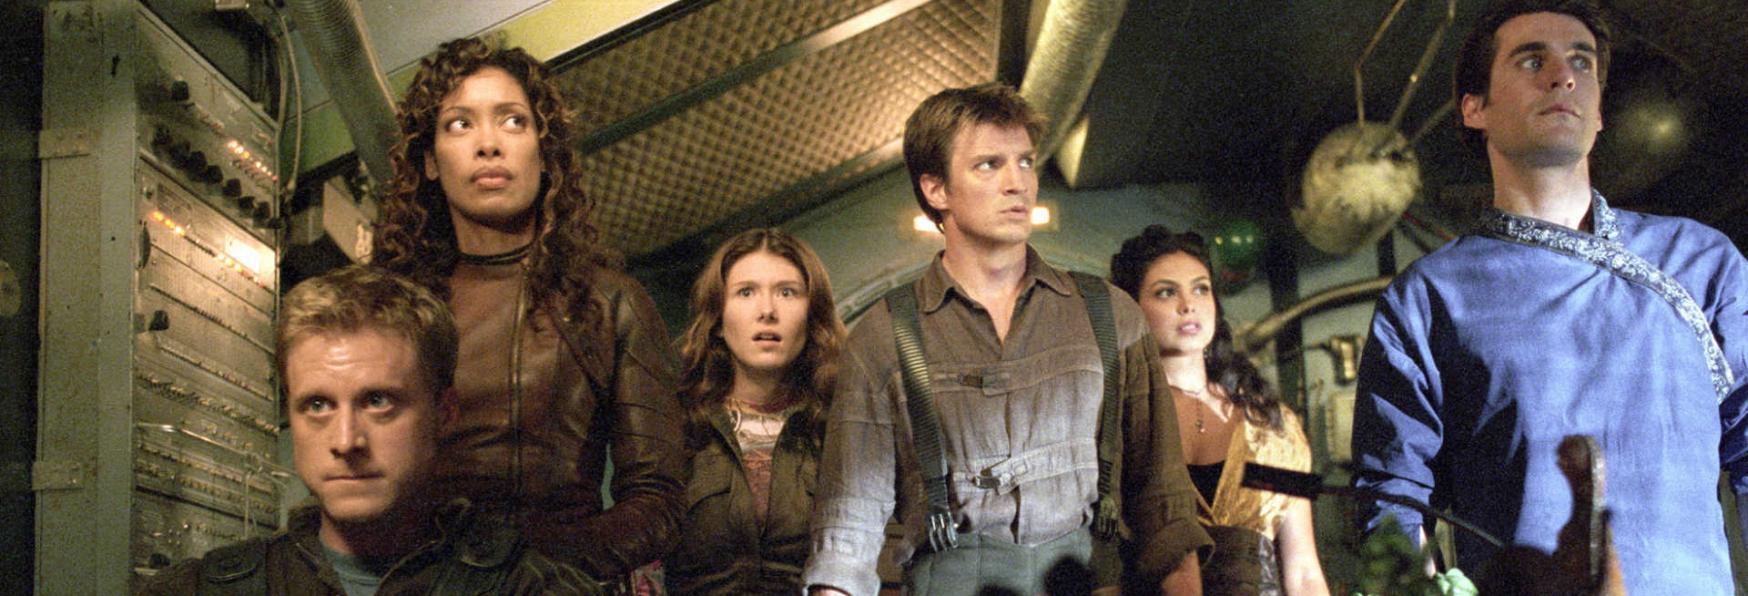 Firefly: Recensione dell'iconica Serie TV del 2002 con Nathan Fillion